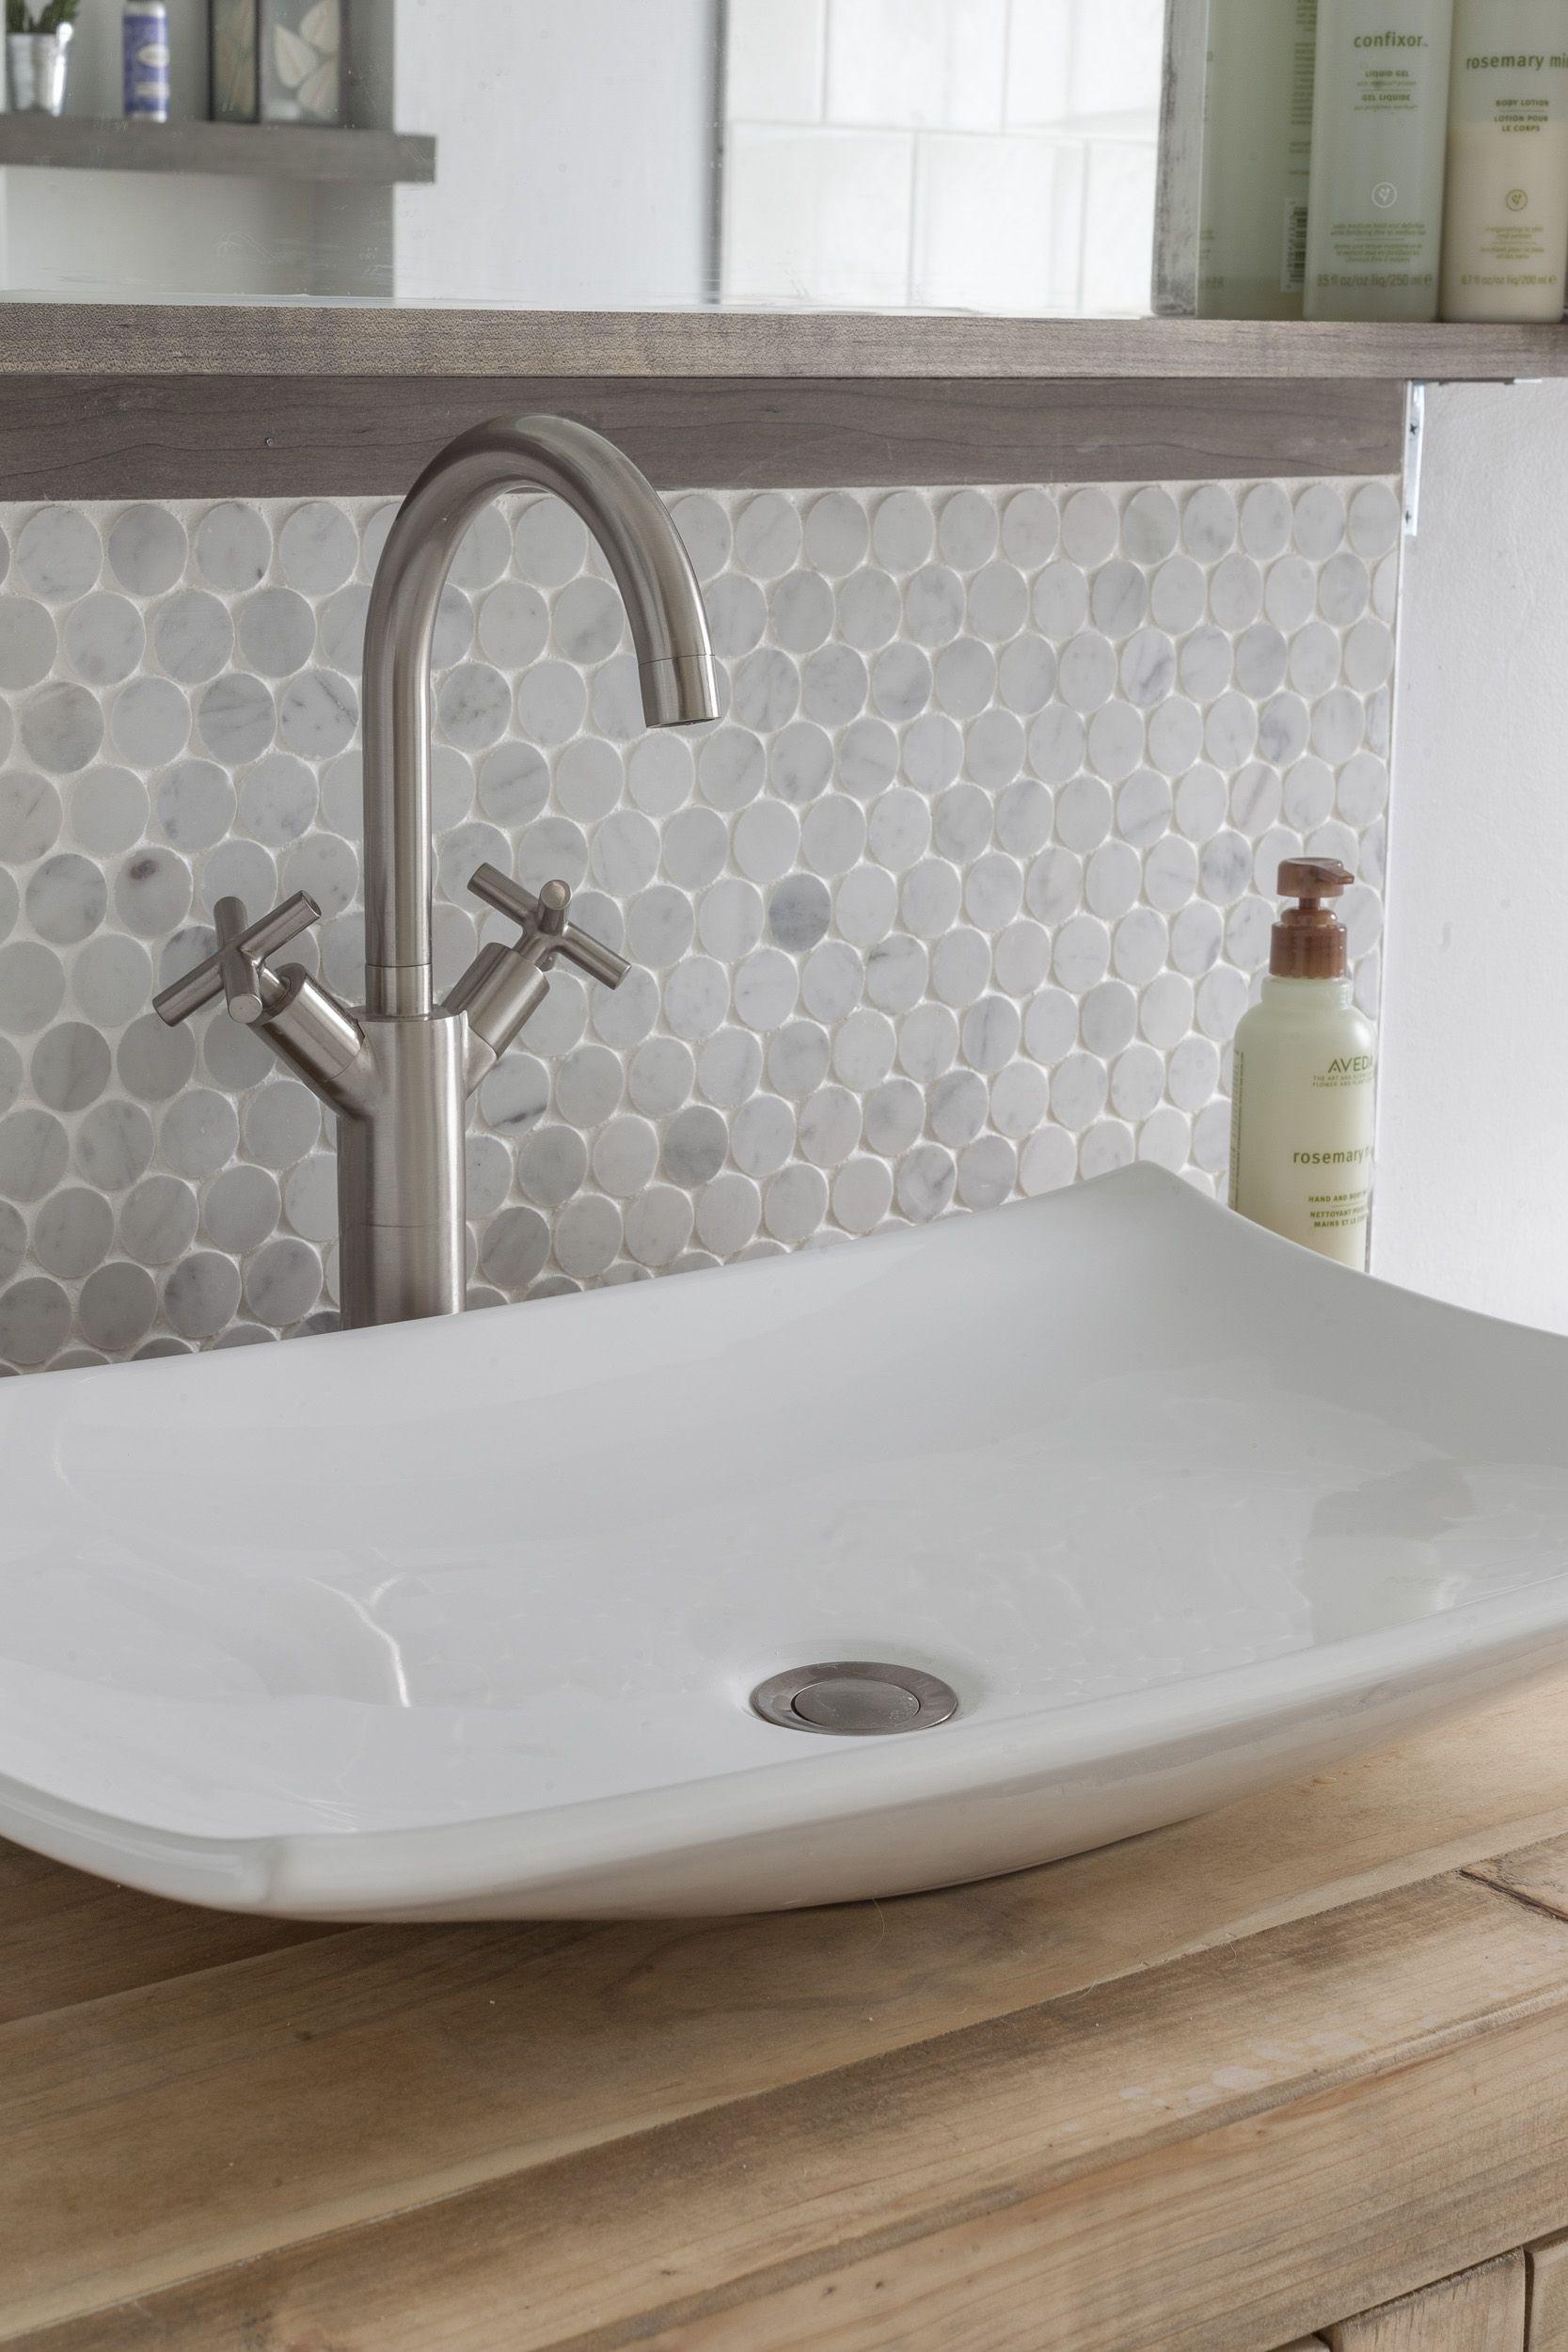 Vessel Sink Marble Penny Tile Backsplash Tile Backsplash Bathroom Vanity Tile Backsplash Bathroom Penny Tiles Bathroom